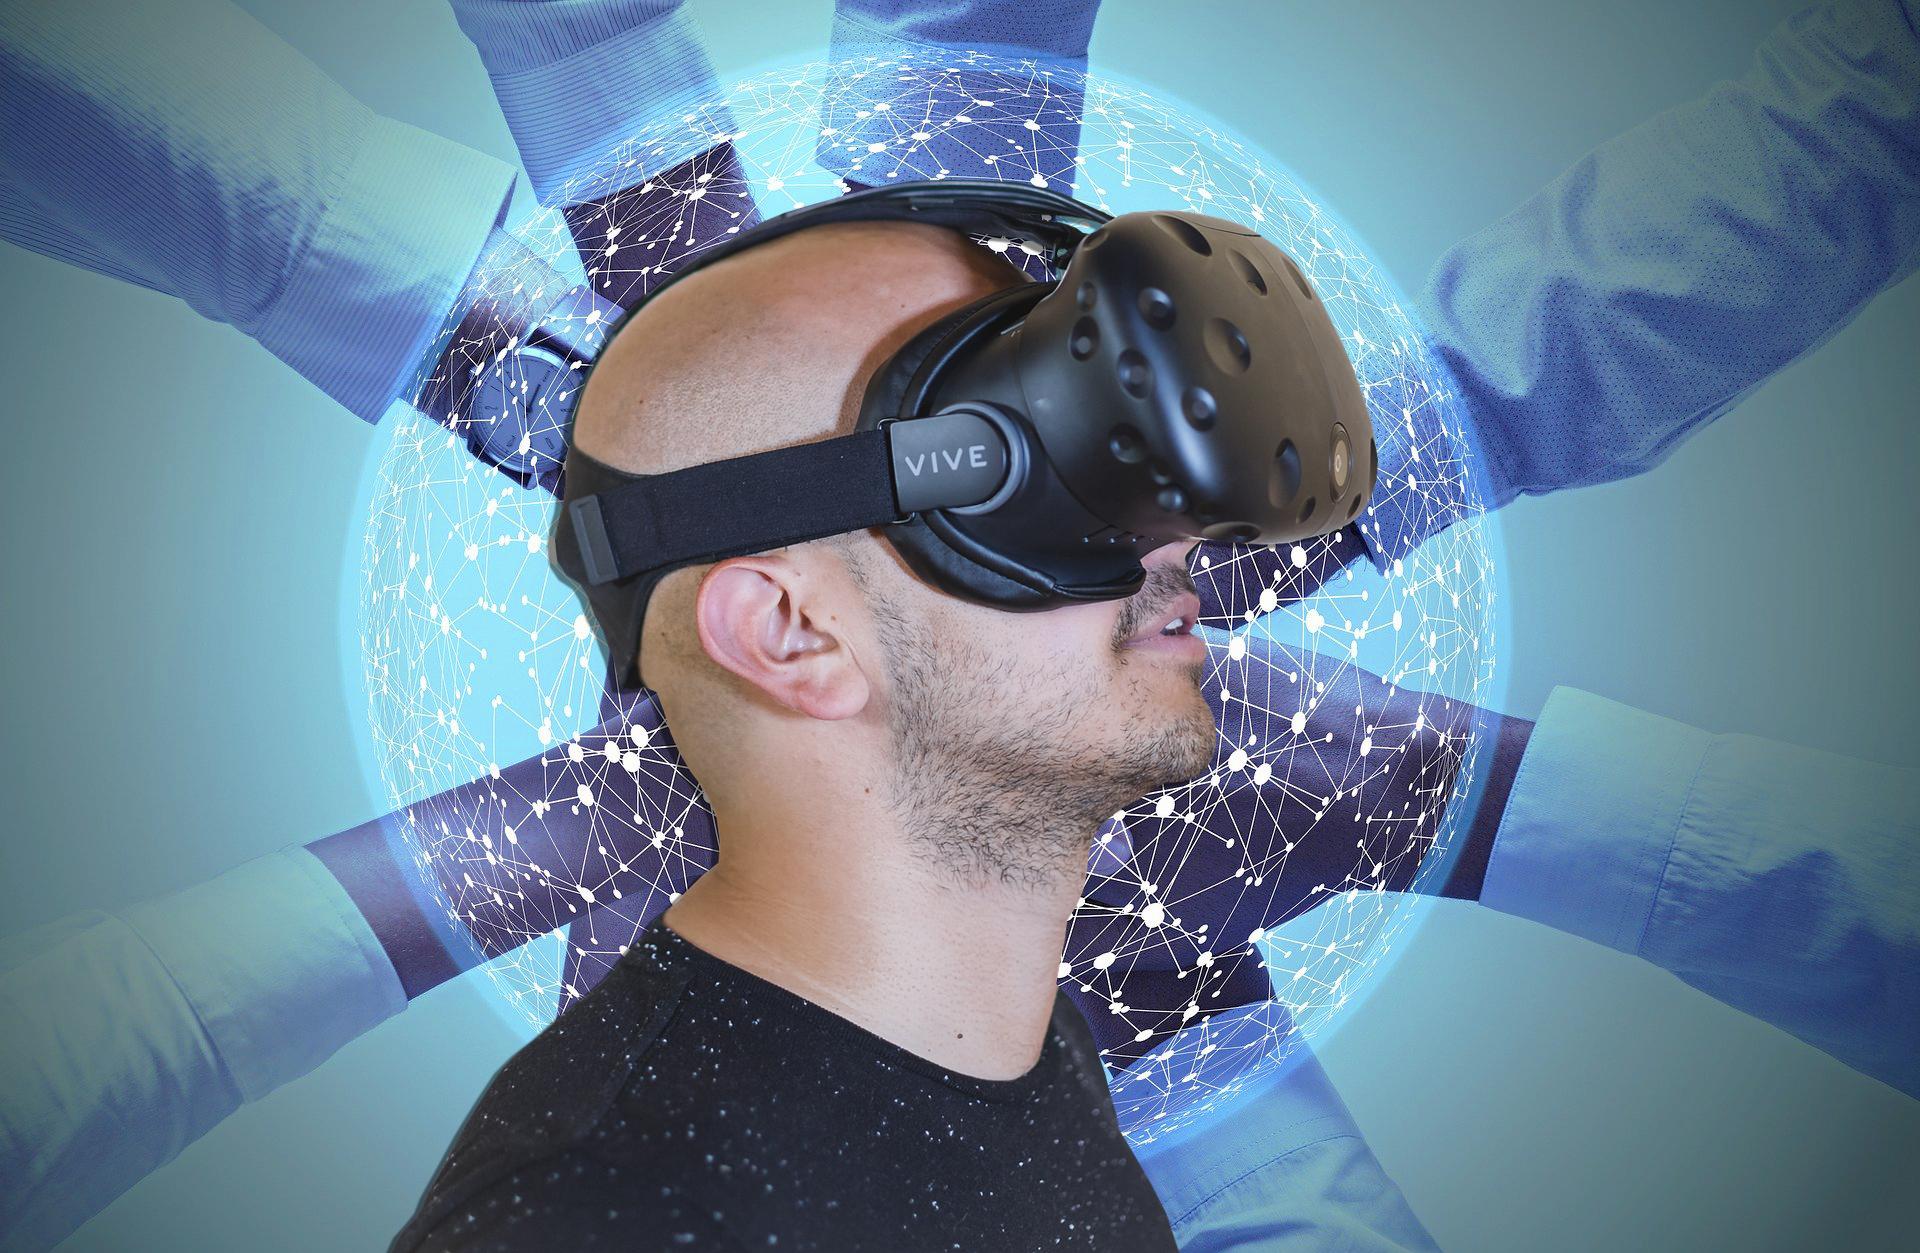 réalité virtuelle et lien social